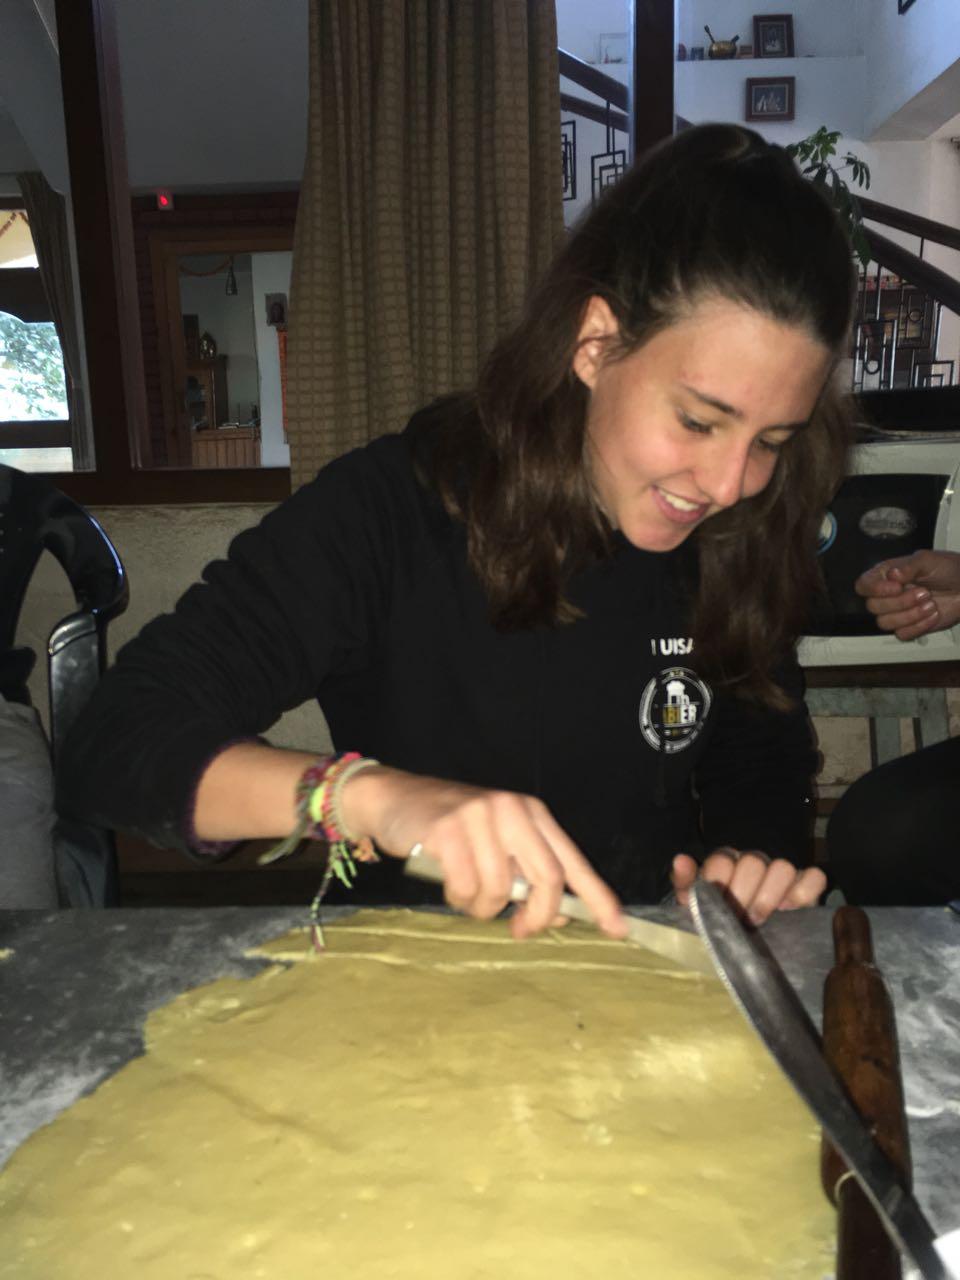 Luisa beim zuschneiden der Kekse